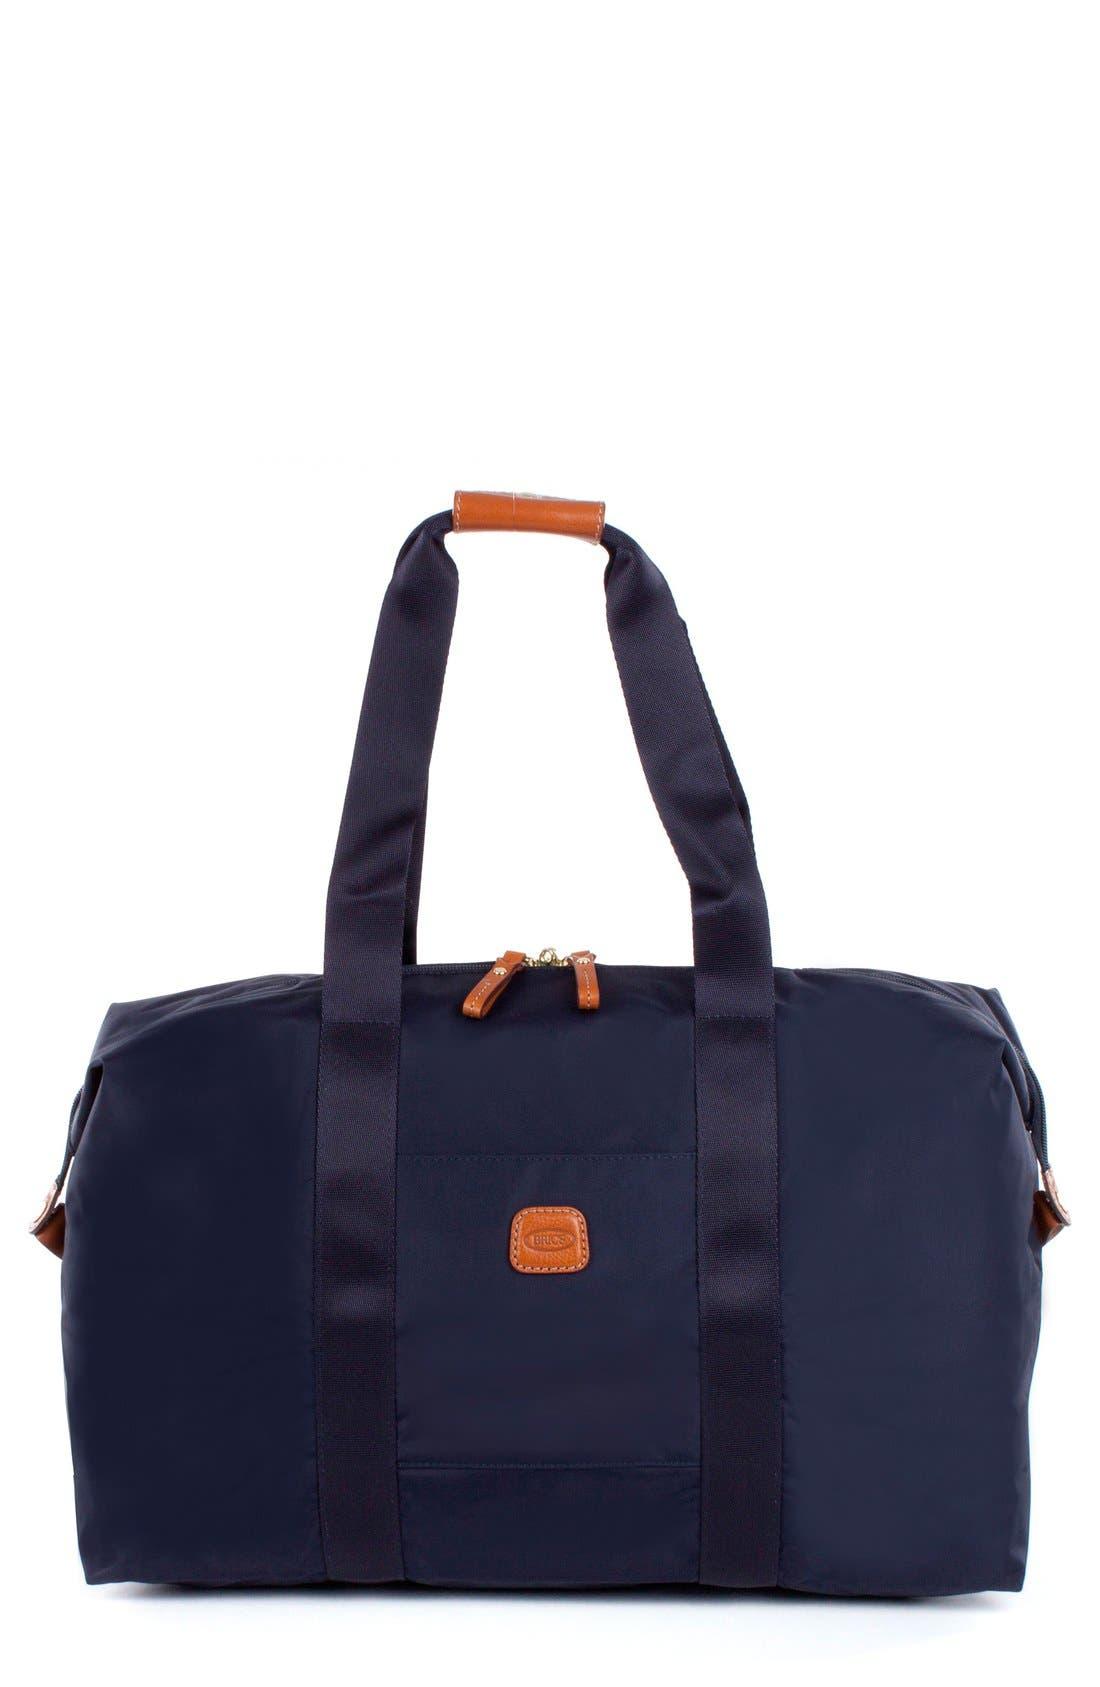 Alternate Image 1 Selected - Bric's 'X-Bag' Folding Duffel Bag (18 Inch)